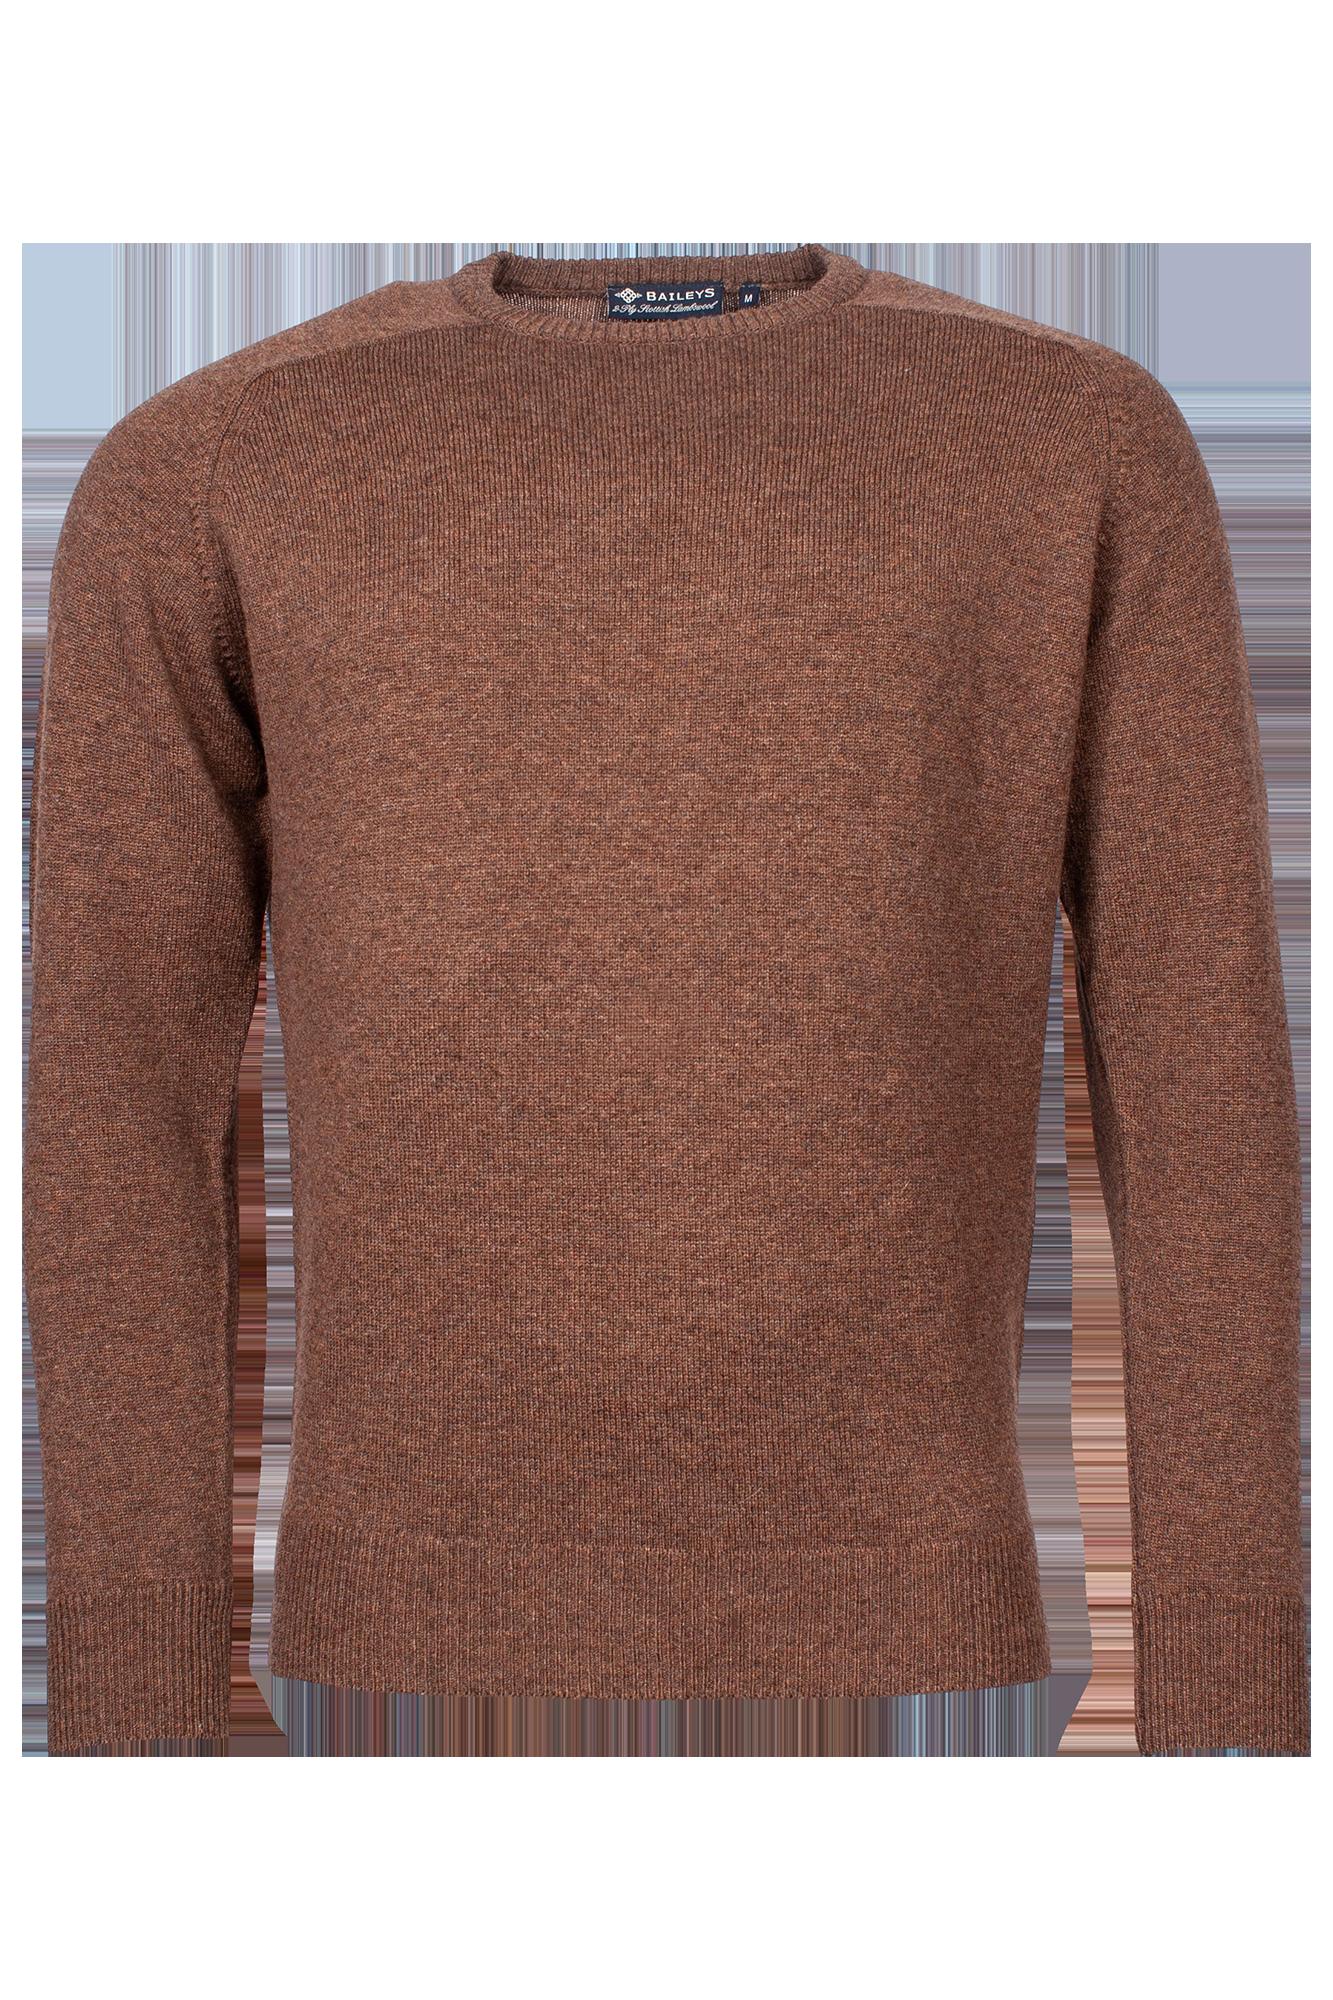 Baileys lamswollen pullover, ronde hals, bruin